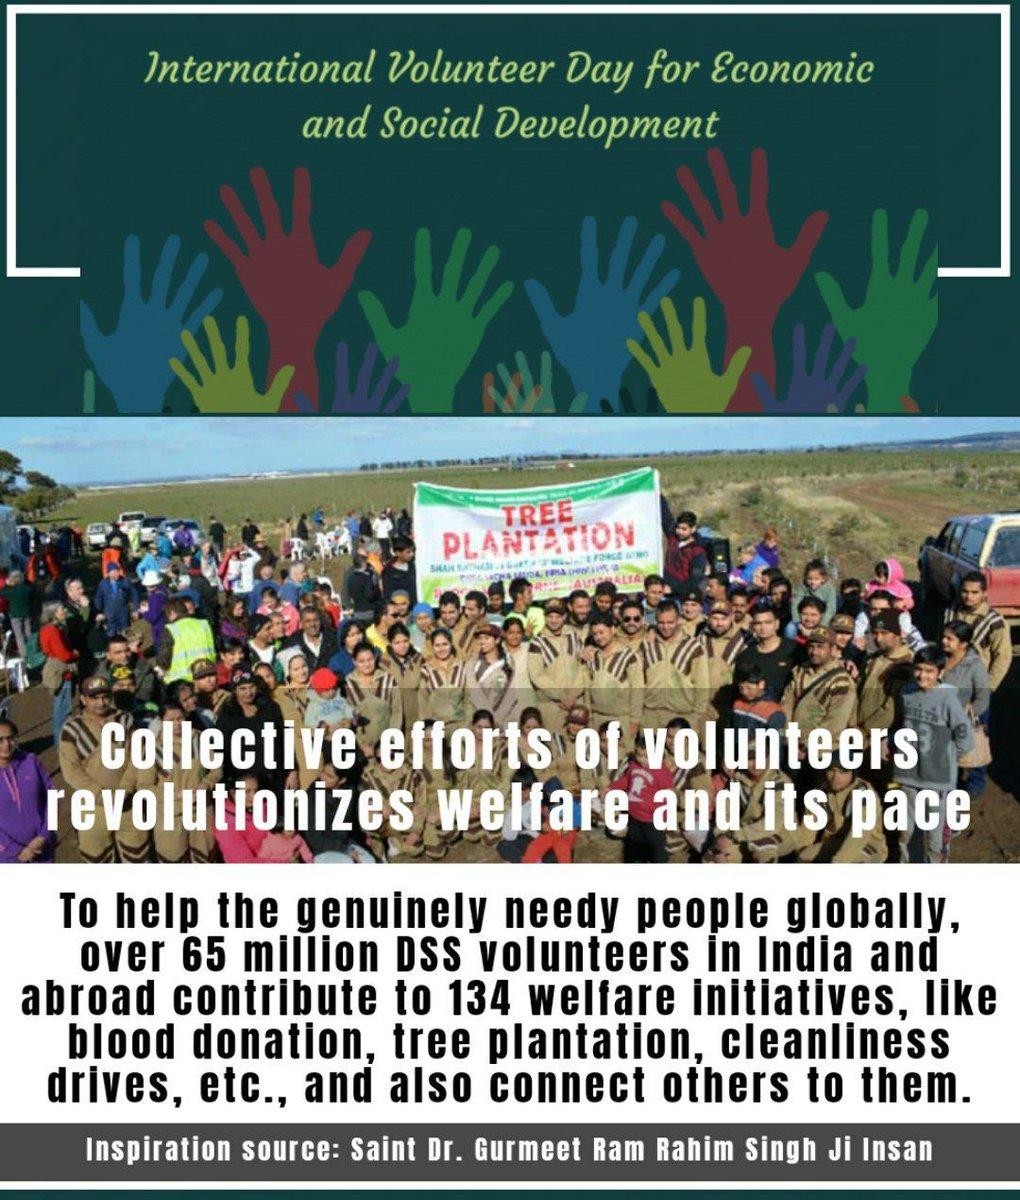 #IVD2020 आज  #InternationalVolunteerDay है @DeraSachaSauda के 6.5 करोड़  #Volunteers मानवता भलाई के कार्य अपनी इच्छा करने के लिए तैयार हैं जैसे खूनदान, ग़रीबों की मदद, बेघर को घर,भुखे को खाना, ग़रीब की लड़की की शादी जो कि संत डॉ @GurmeetRamRahim जी इंसान की शिक्षा से शंभव हुआ है